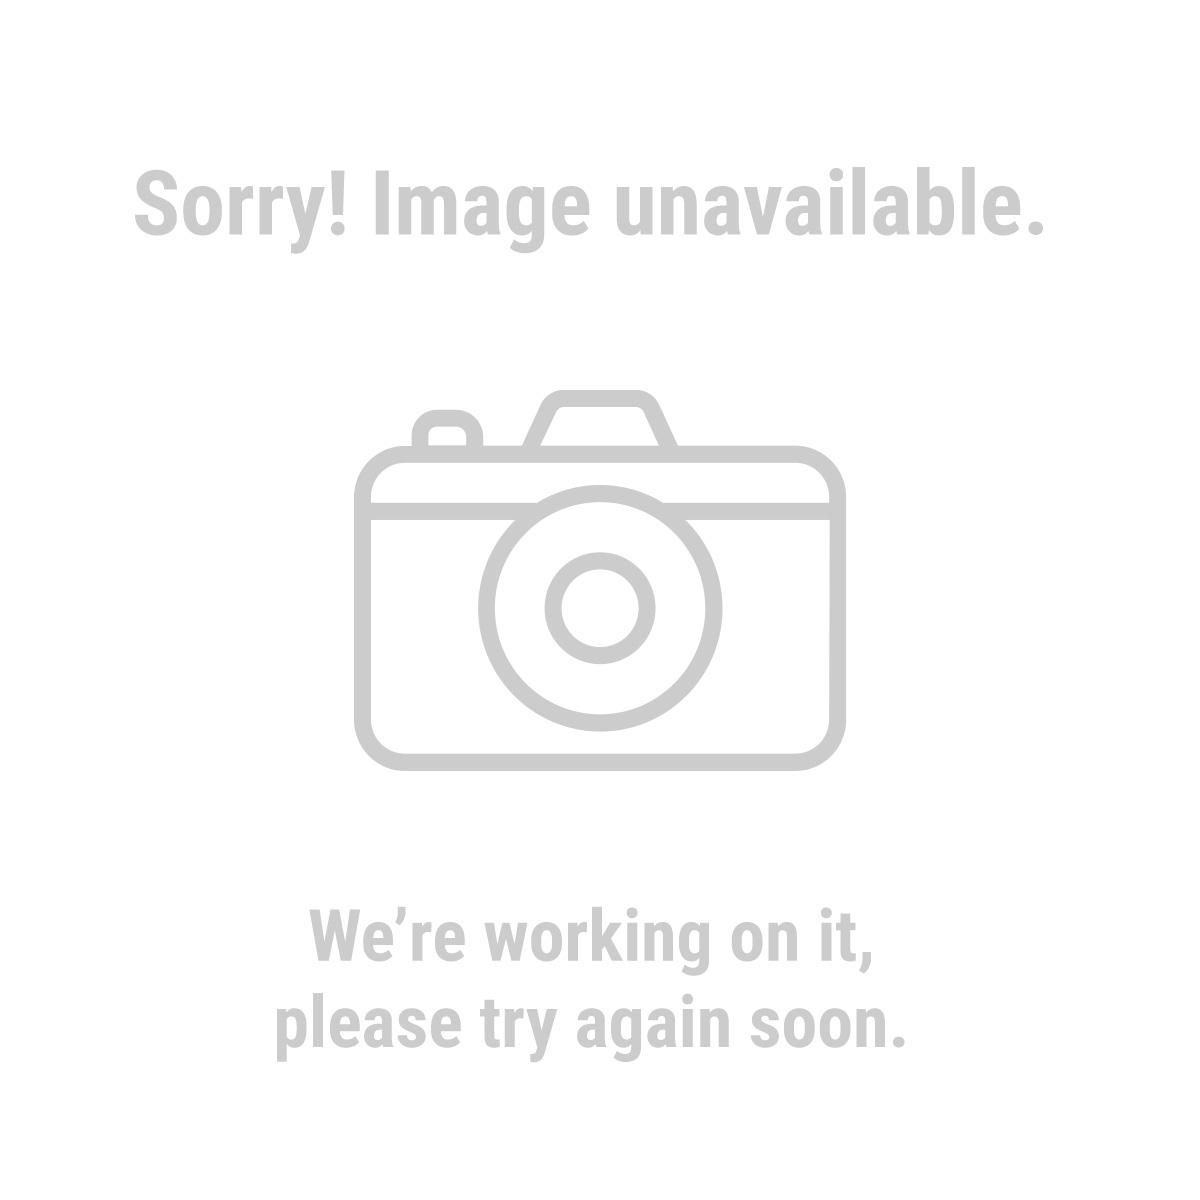 in. x 50 ft. Premium Rubber Air Hose 62884 alternate photo #3